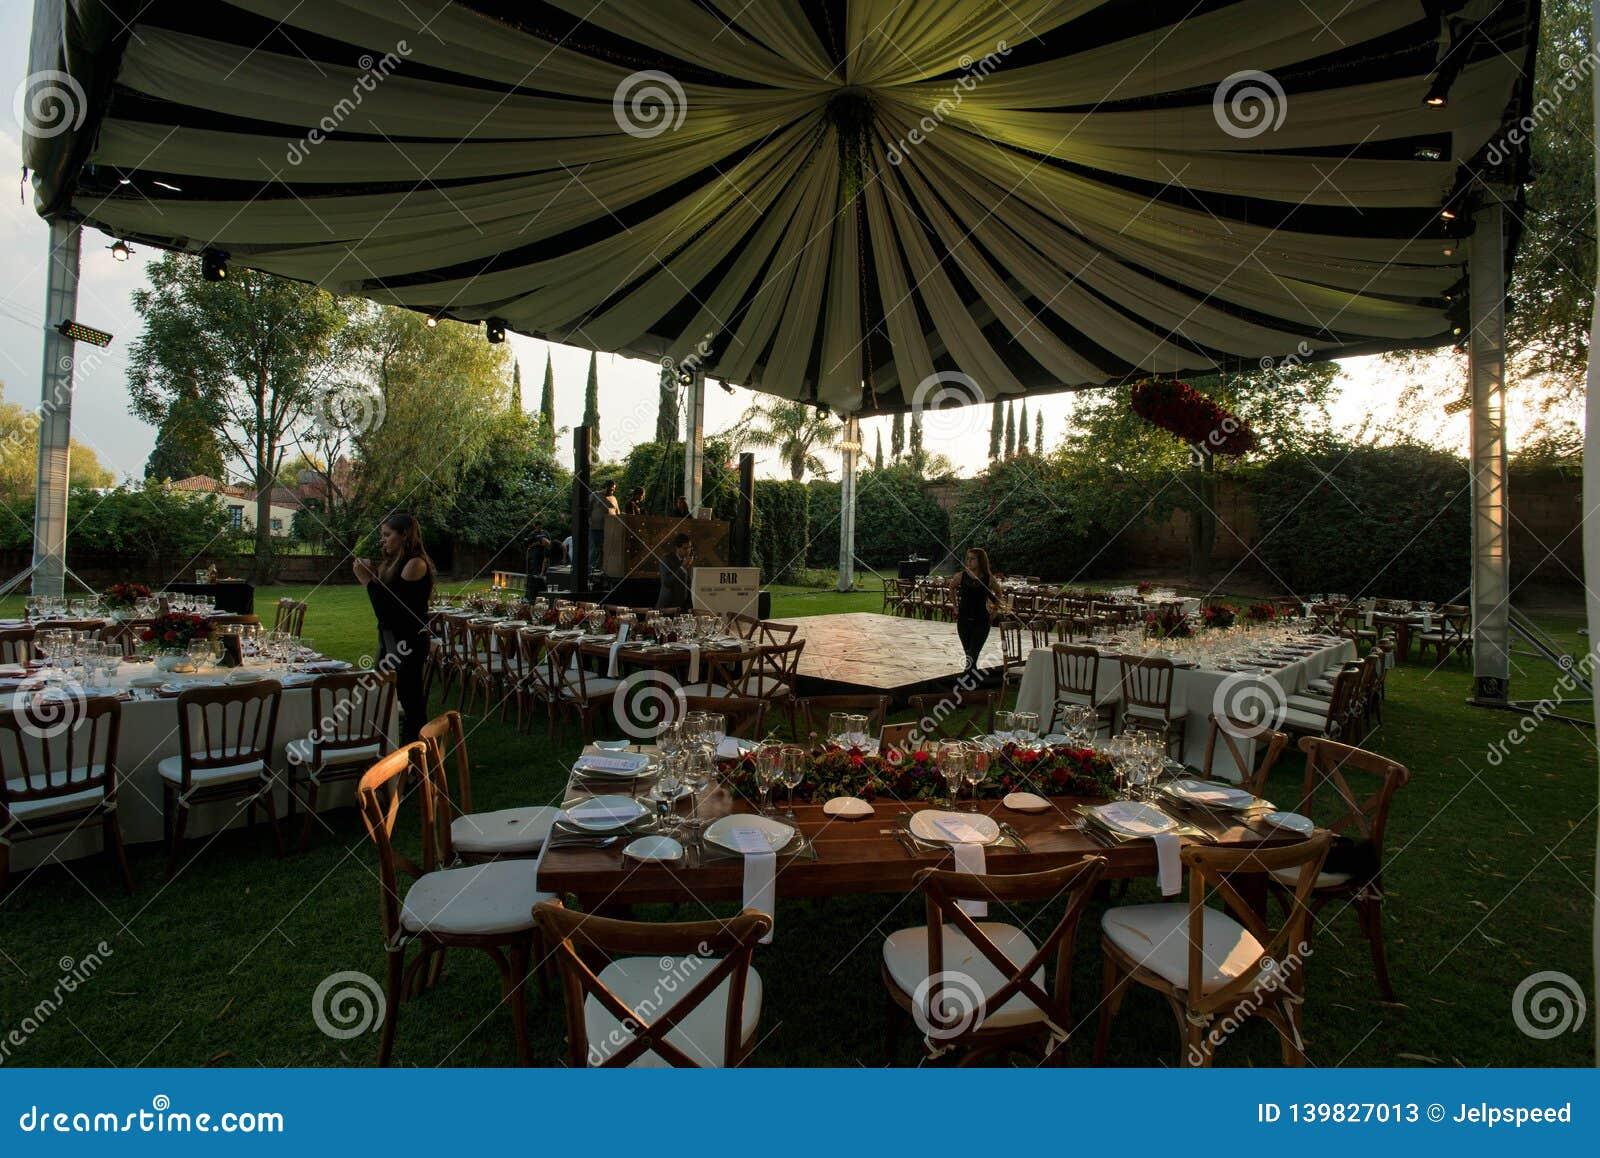 White Luxury Wedding Tent Decorated Awning At Elegant Wedding